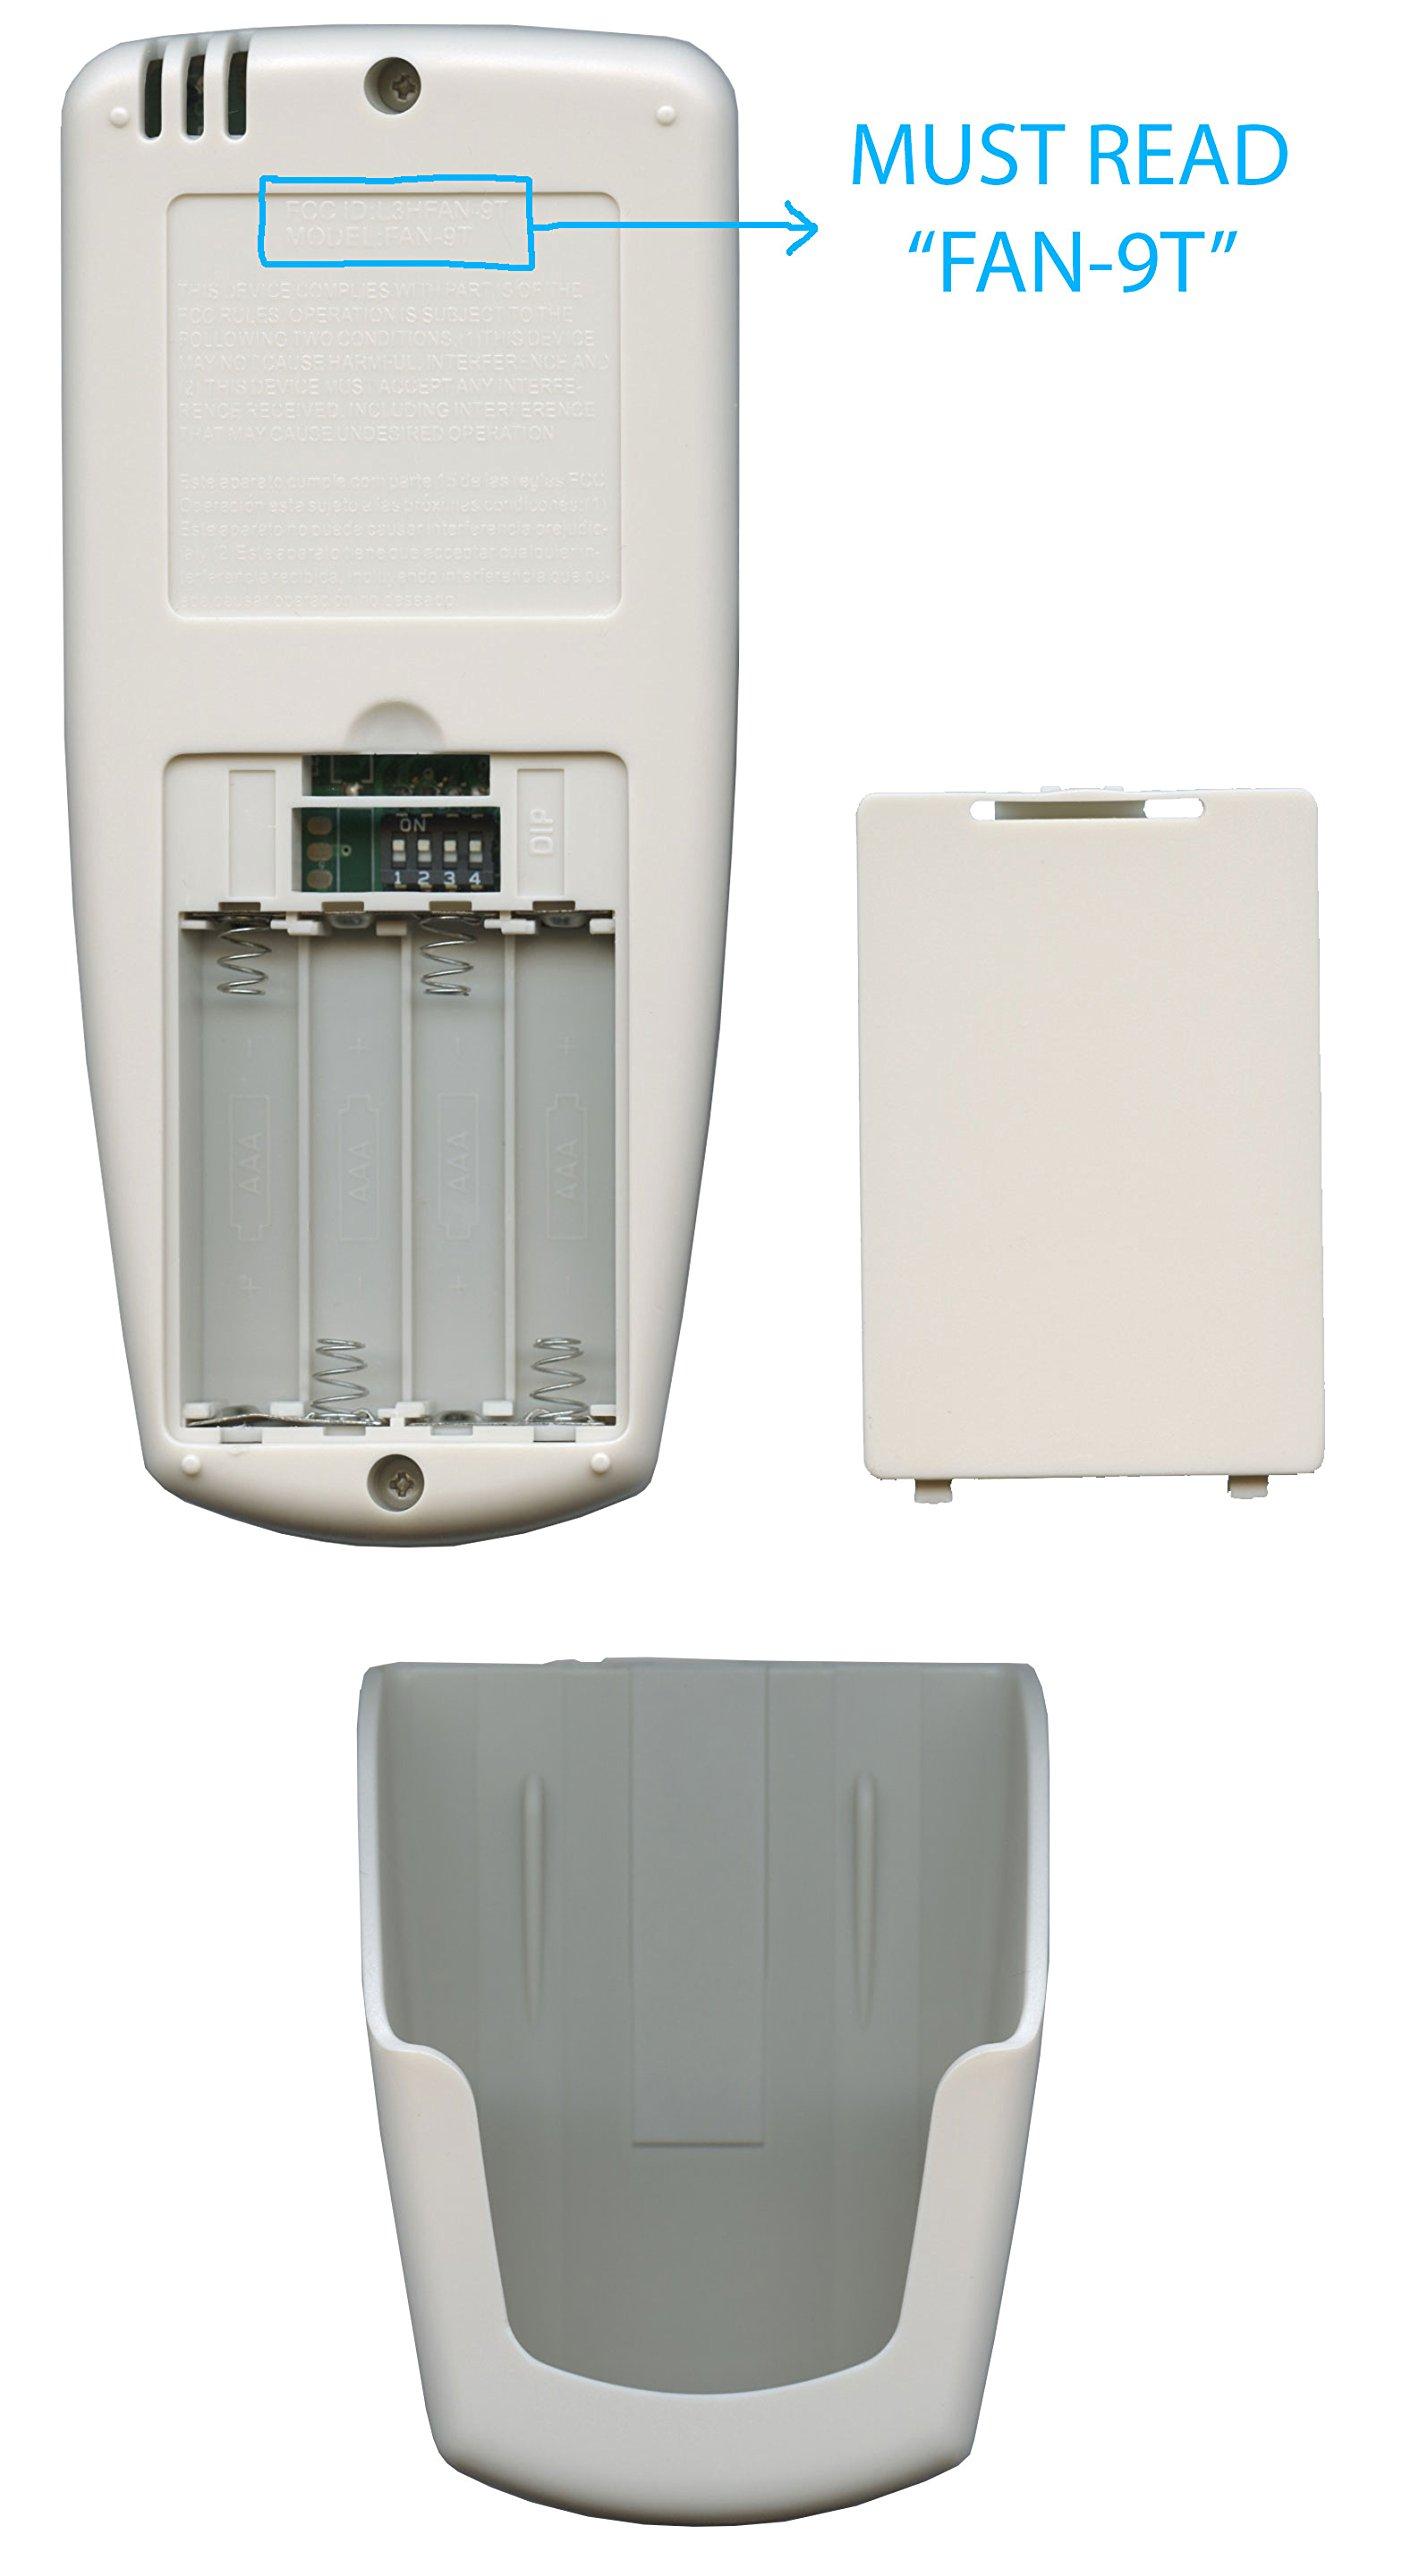 Anderic Replacement FAN-9T with FAN TIMER key Thermostatic Remote Control for Hampton Bay Ceiling Fans - FAN9T (FCC ID: L3HFAN9T, PN: FAN9T)